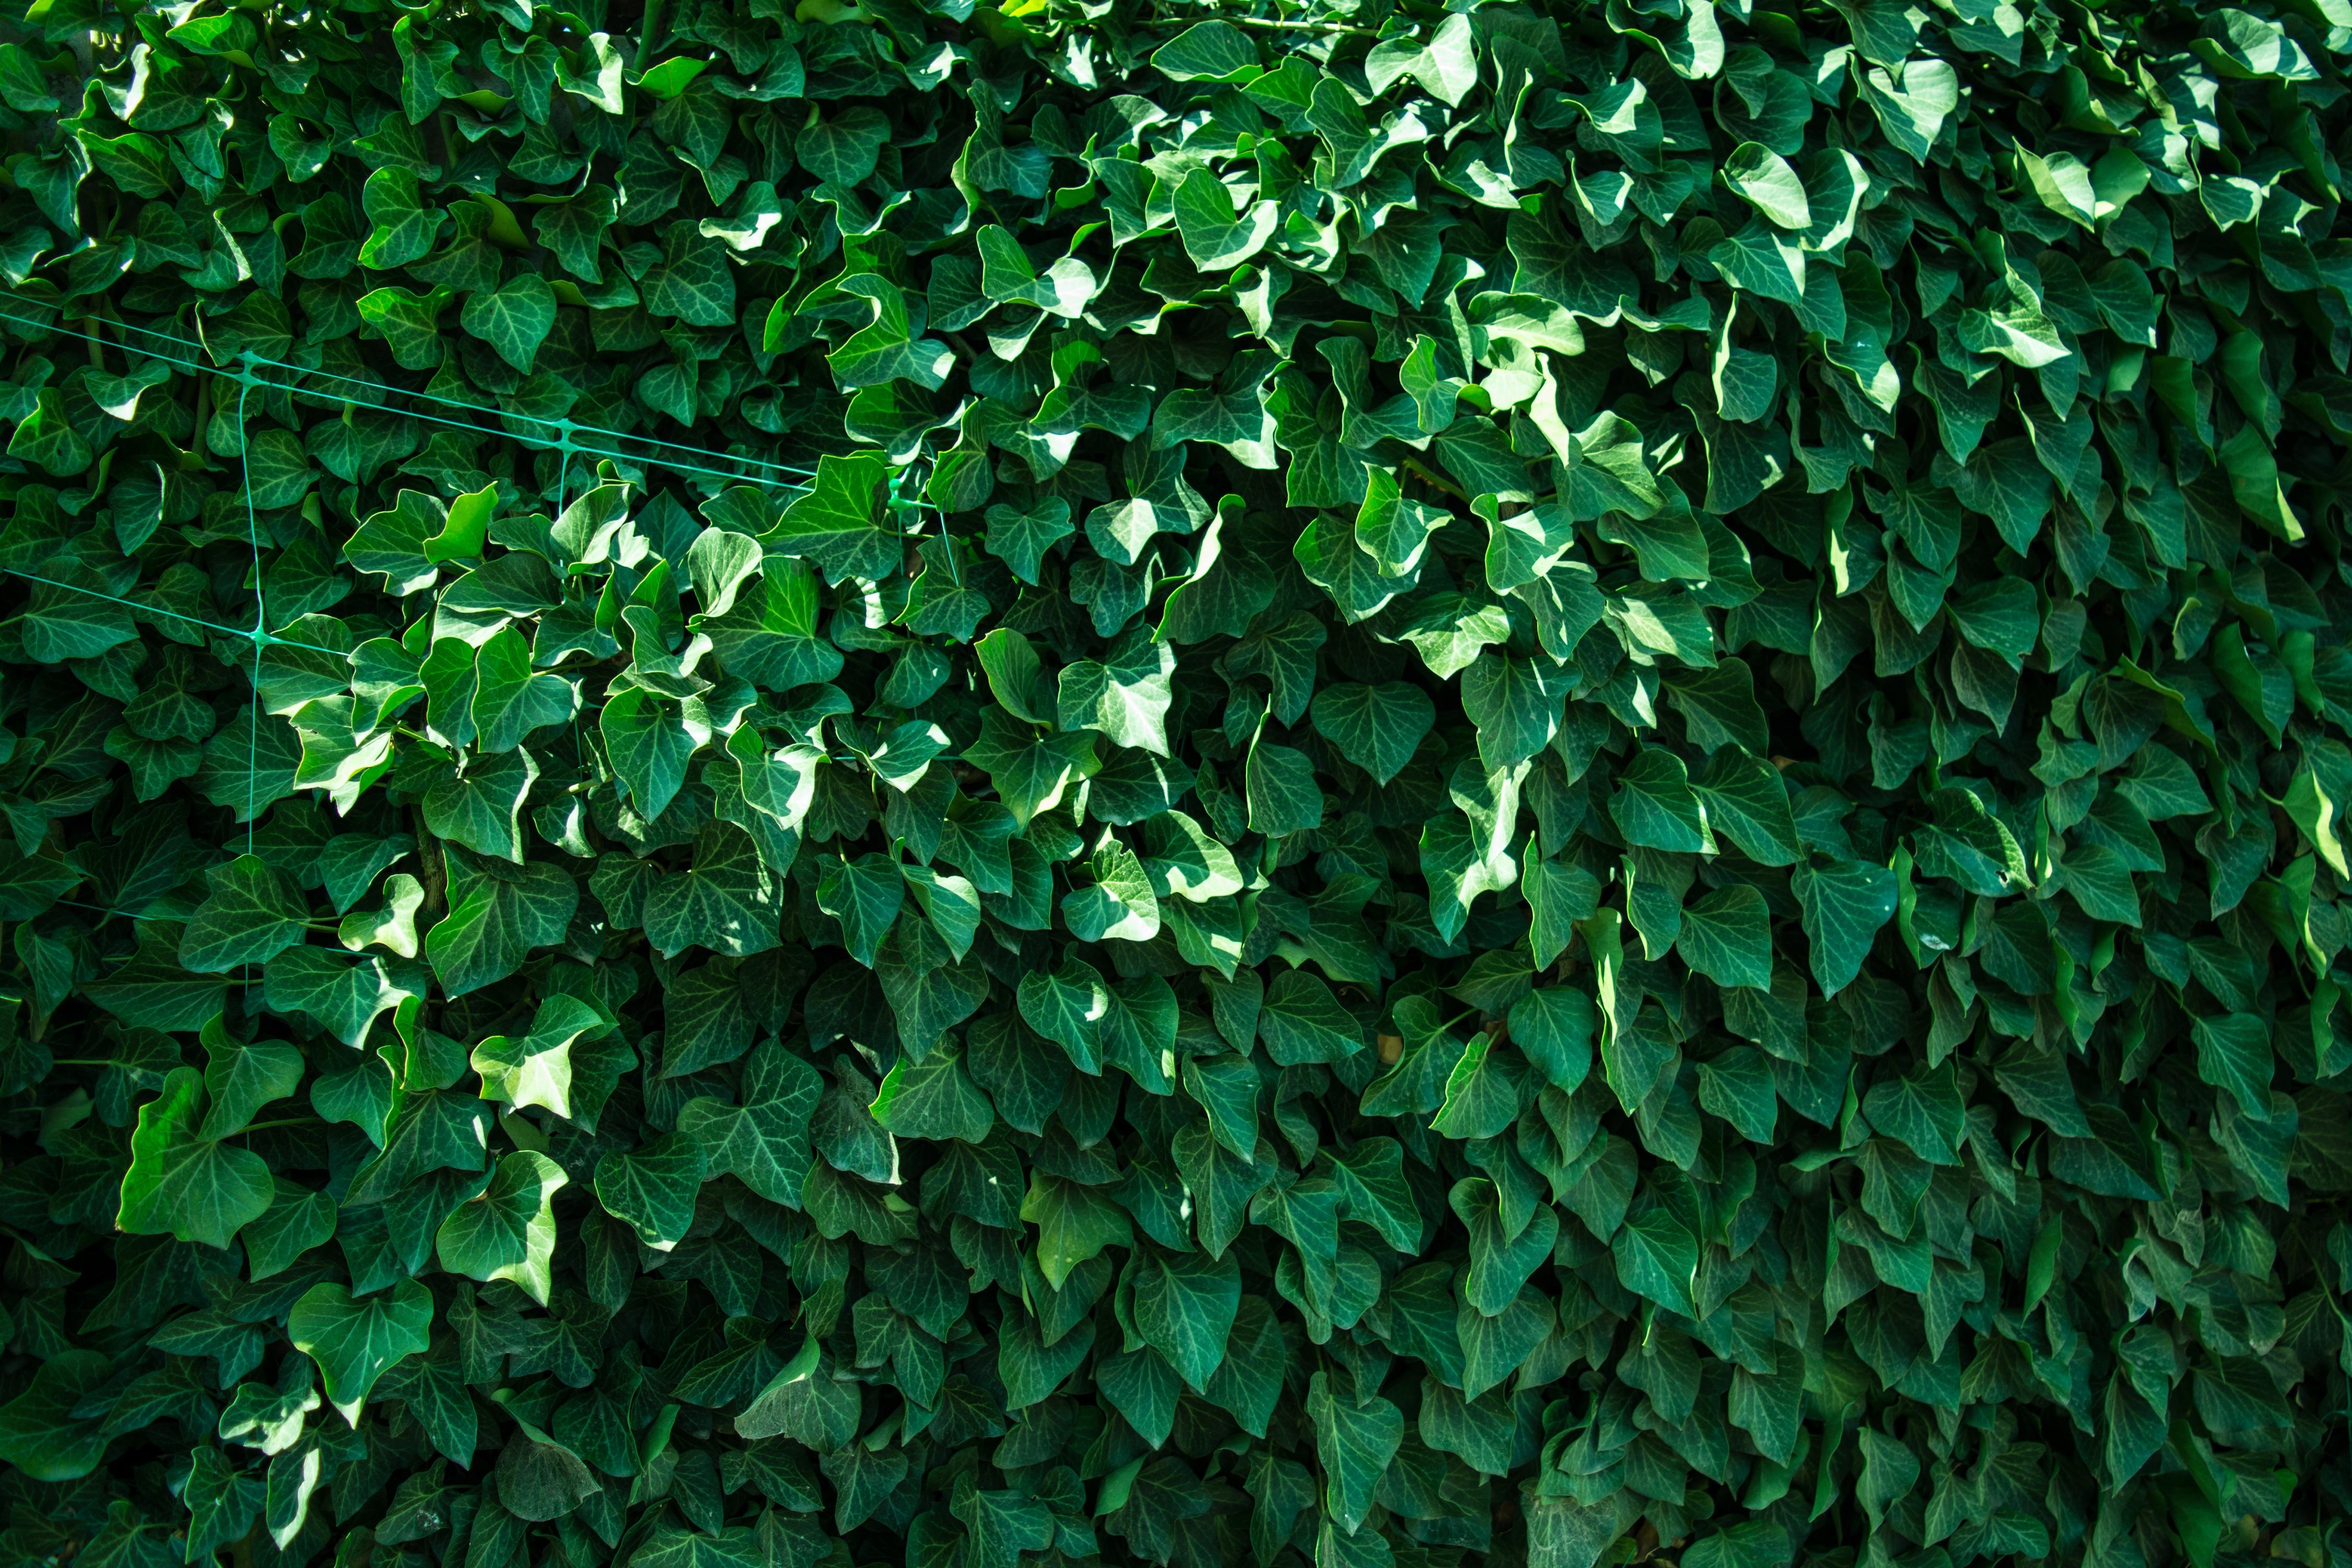 Immagini Belle Albero Erba Ramo Struttura Foglia Fiore Verde